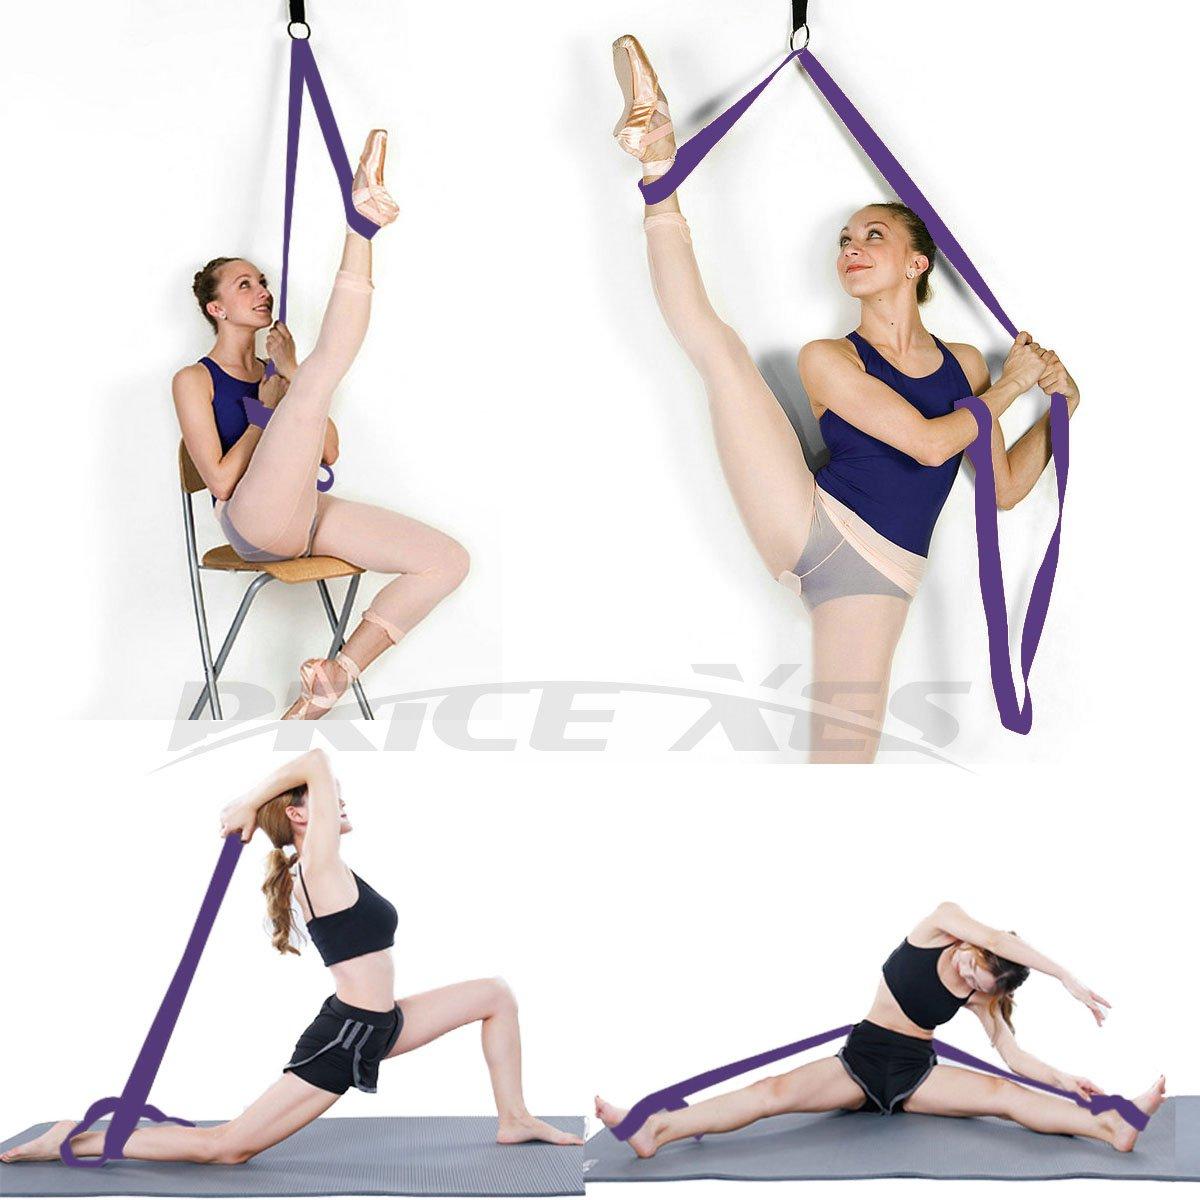 Cinta elástica para la pierna ajustable, para ballet largo, fácil de instalar en la puerta, correa de pierna elástica flexible ideal para ballet, baile, gimnasia, entrenamiento, equipo de estiramiento, taekwondo, morado Price Xes